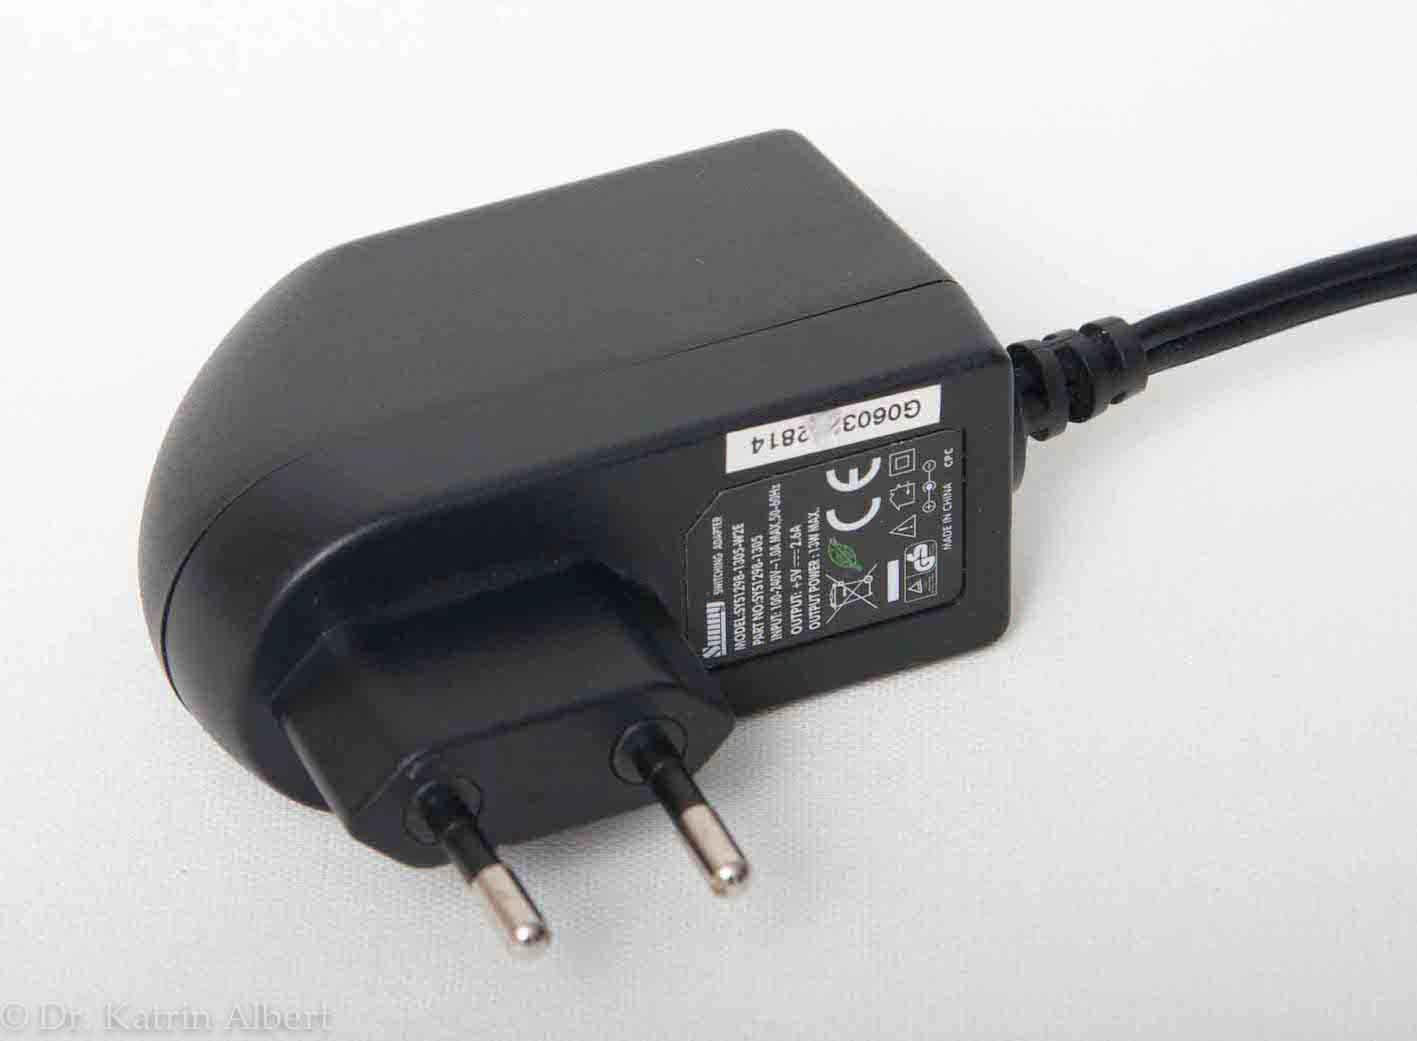 Netzteil des USB-Hubs